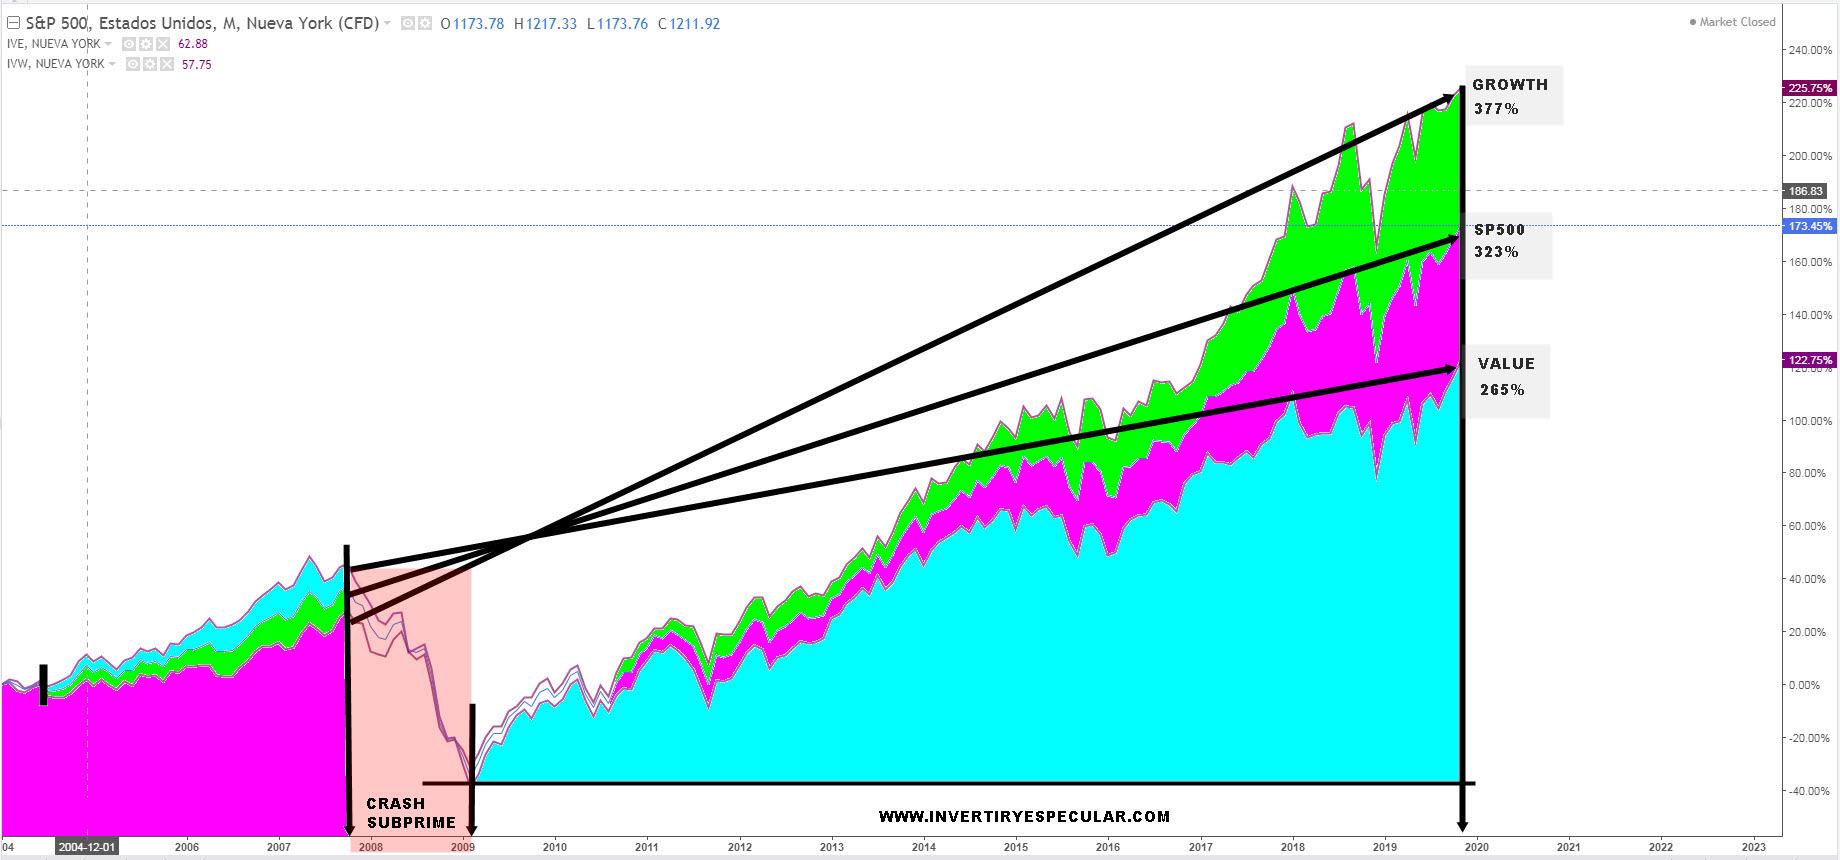 Value vs Growth de techo 2007 al techo 2019